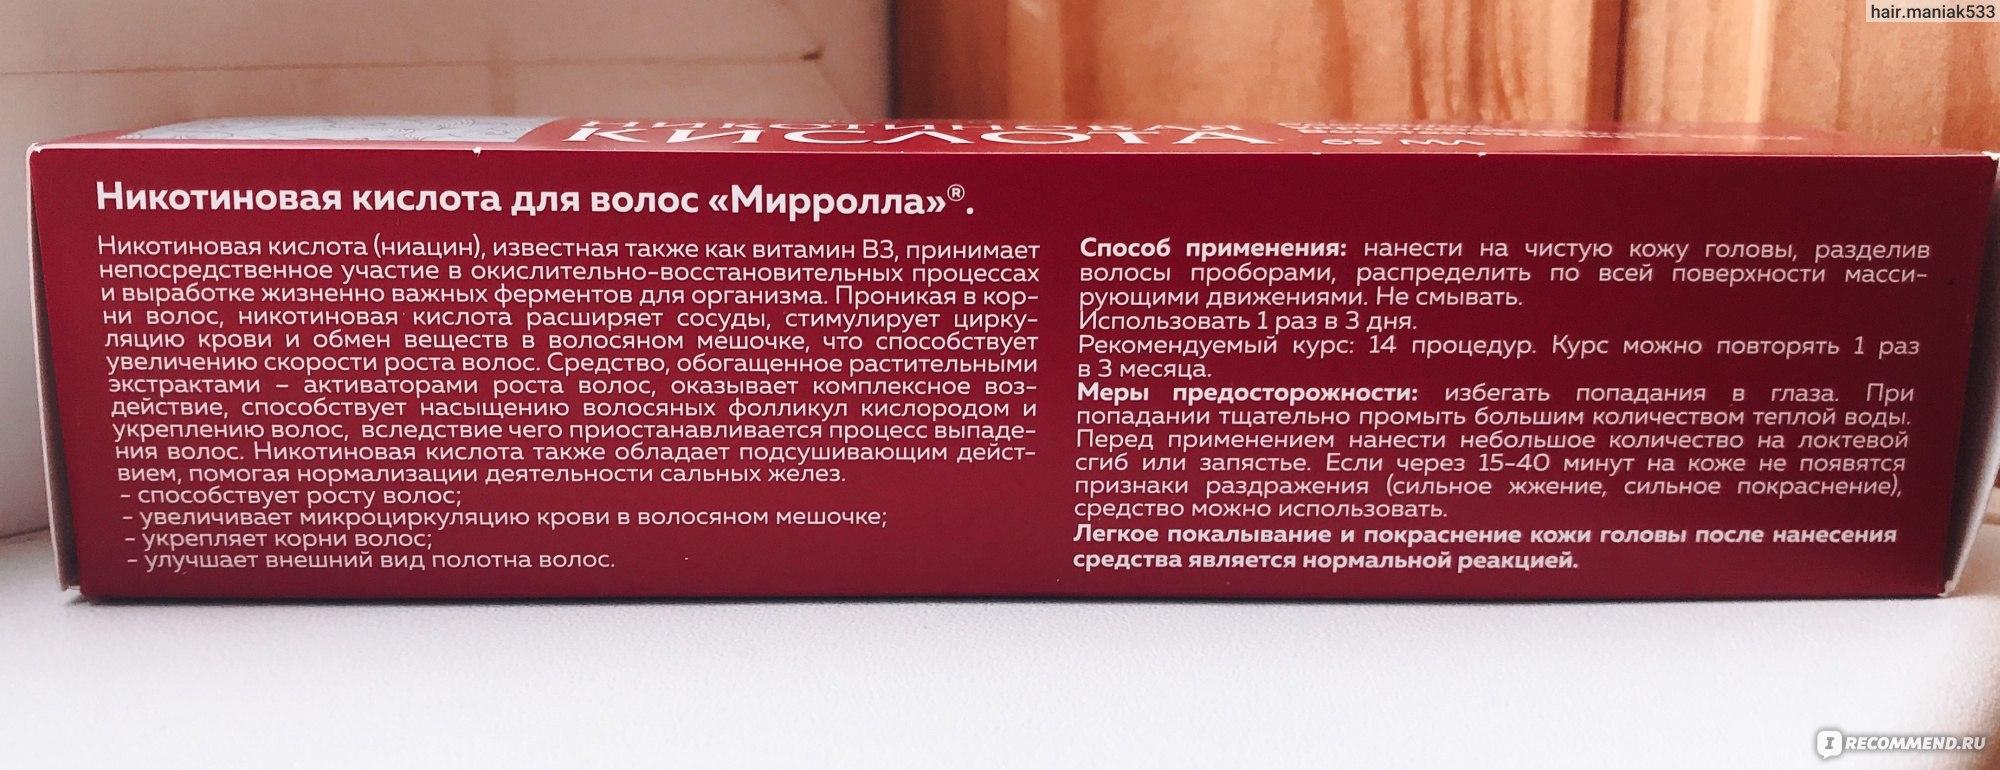 Никотиновая кислота в таблетках для волос, маски для роста. инструкция по применению, отзывы врачей